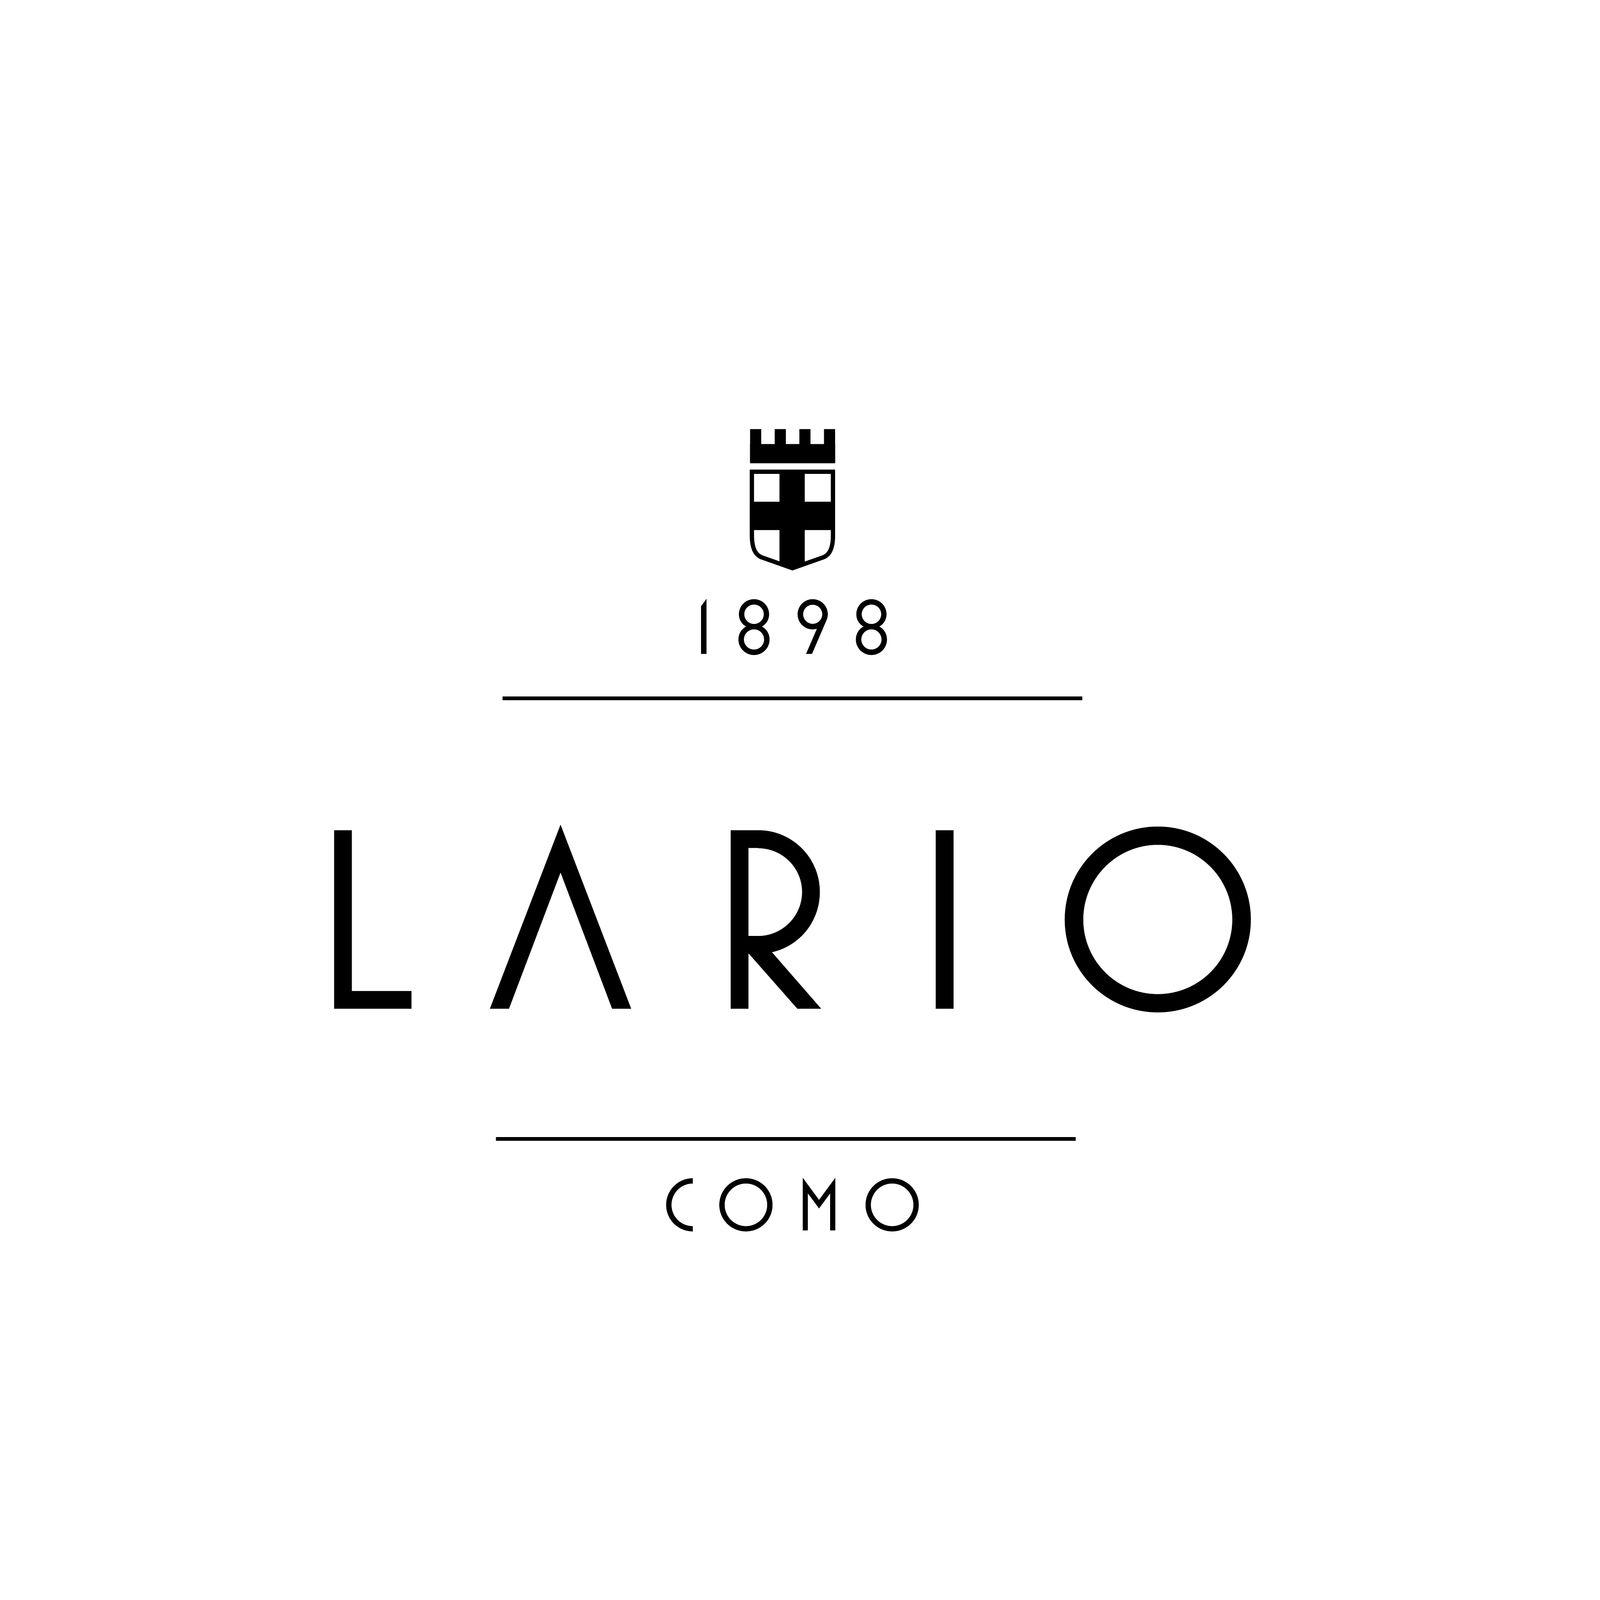 Lario 1898